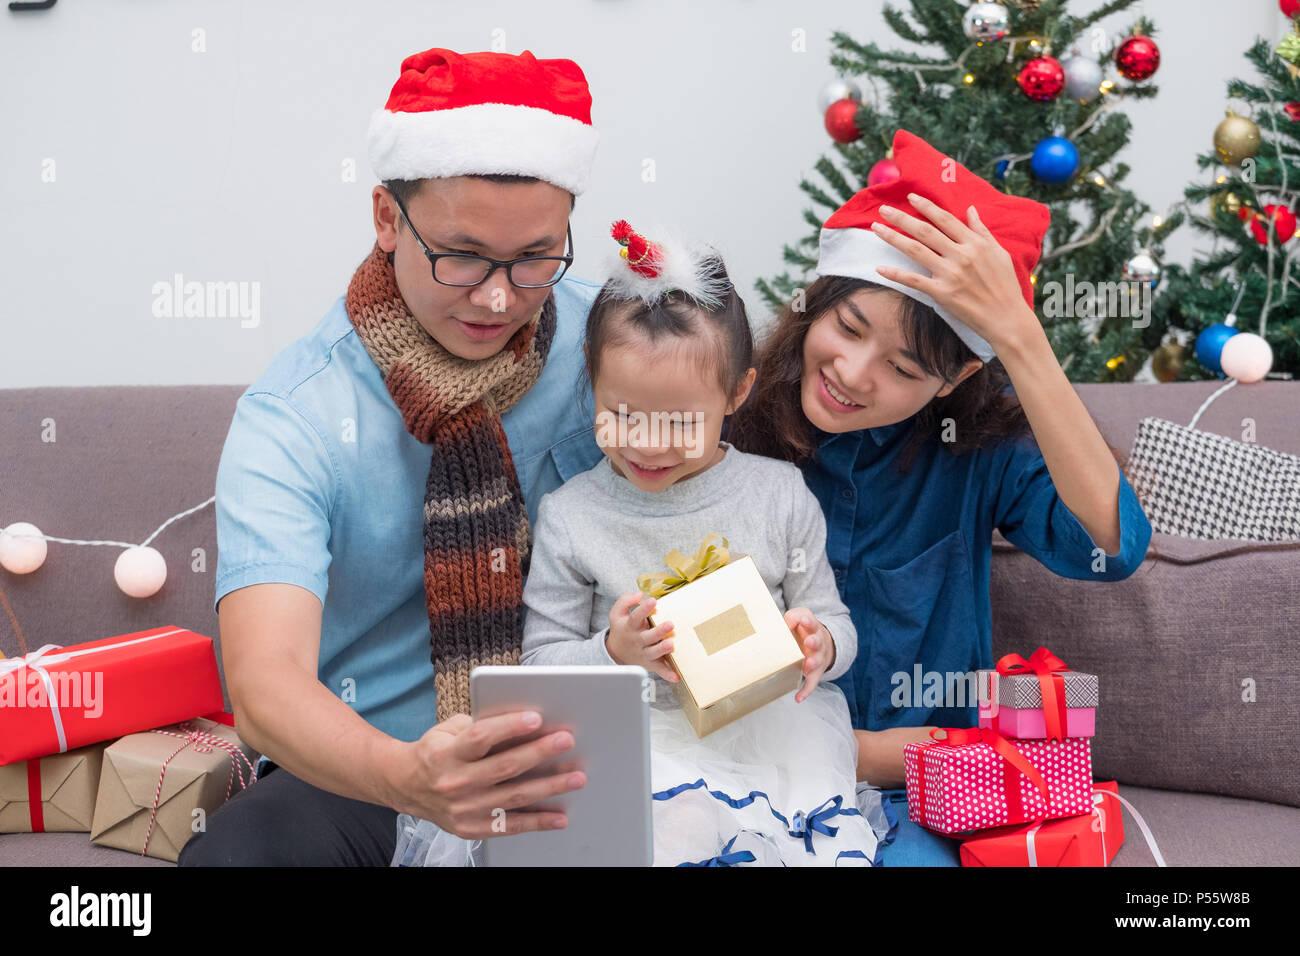 Glückliche Familie Asien selfie mit Tablette , Vater und Mutter tragen Klausenmütze geben Weihnachten Geschenk Box zu Kind im Haus Xmas Party, Urlaub celeb Stockbild